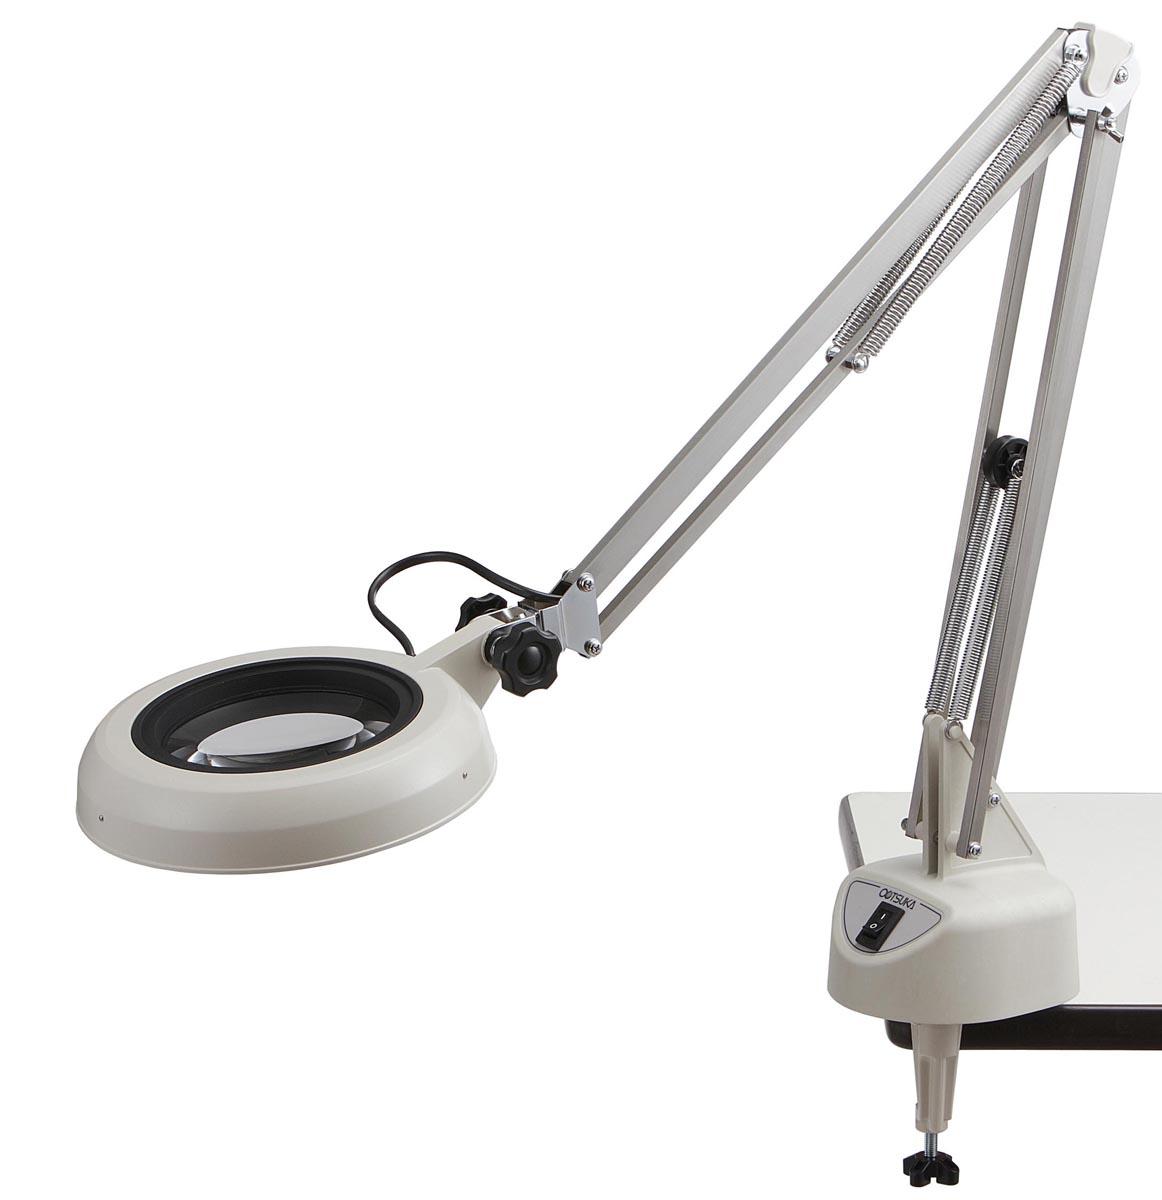 オーツカ光学 LED照明拡大鏡 ENVL-10F